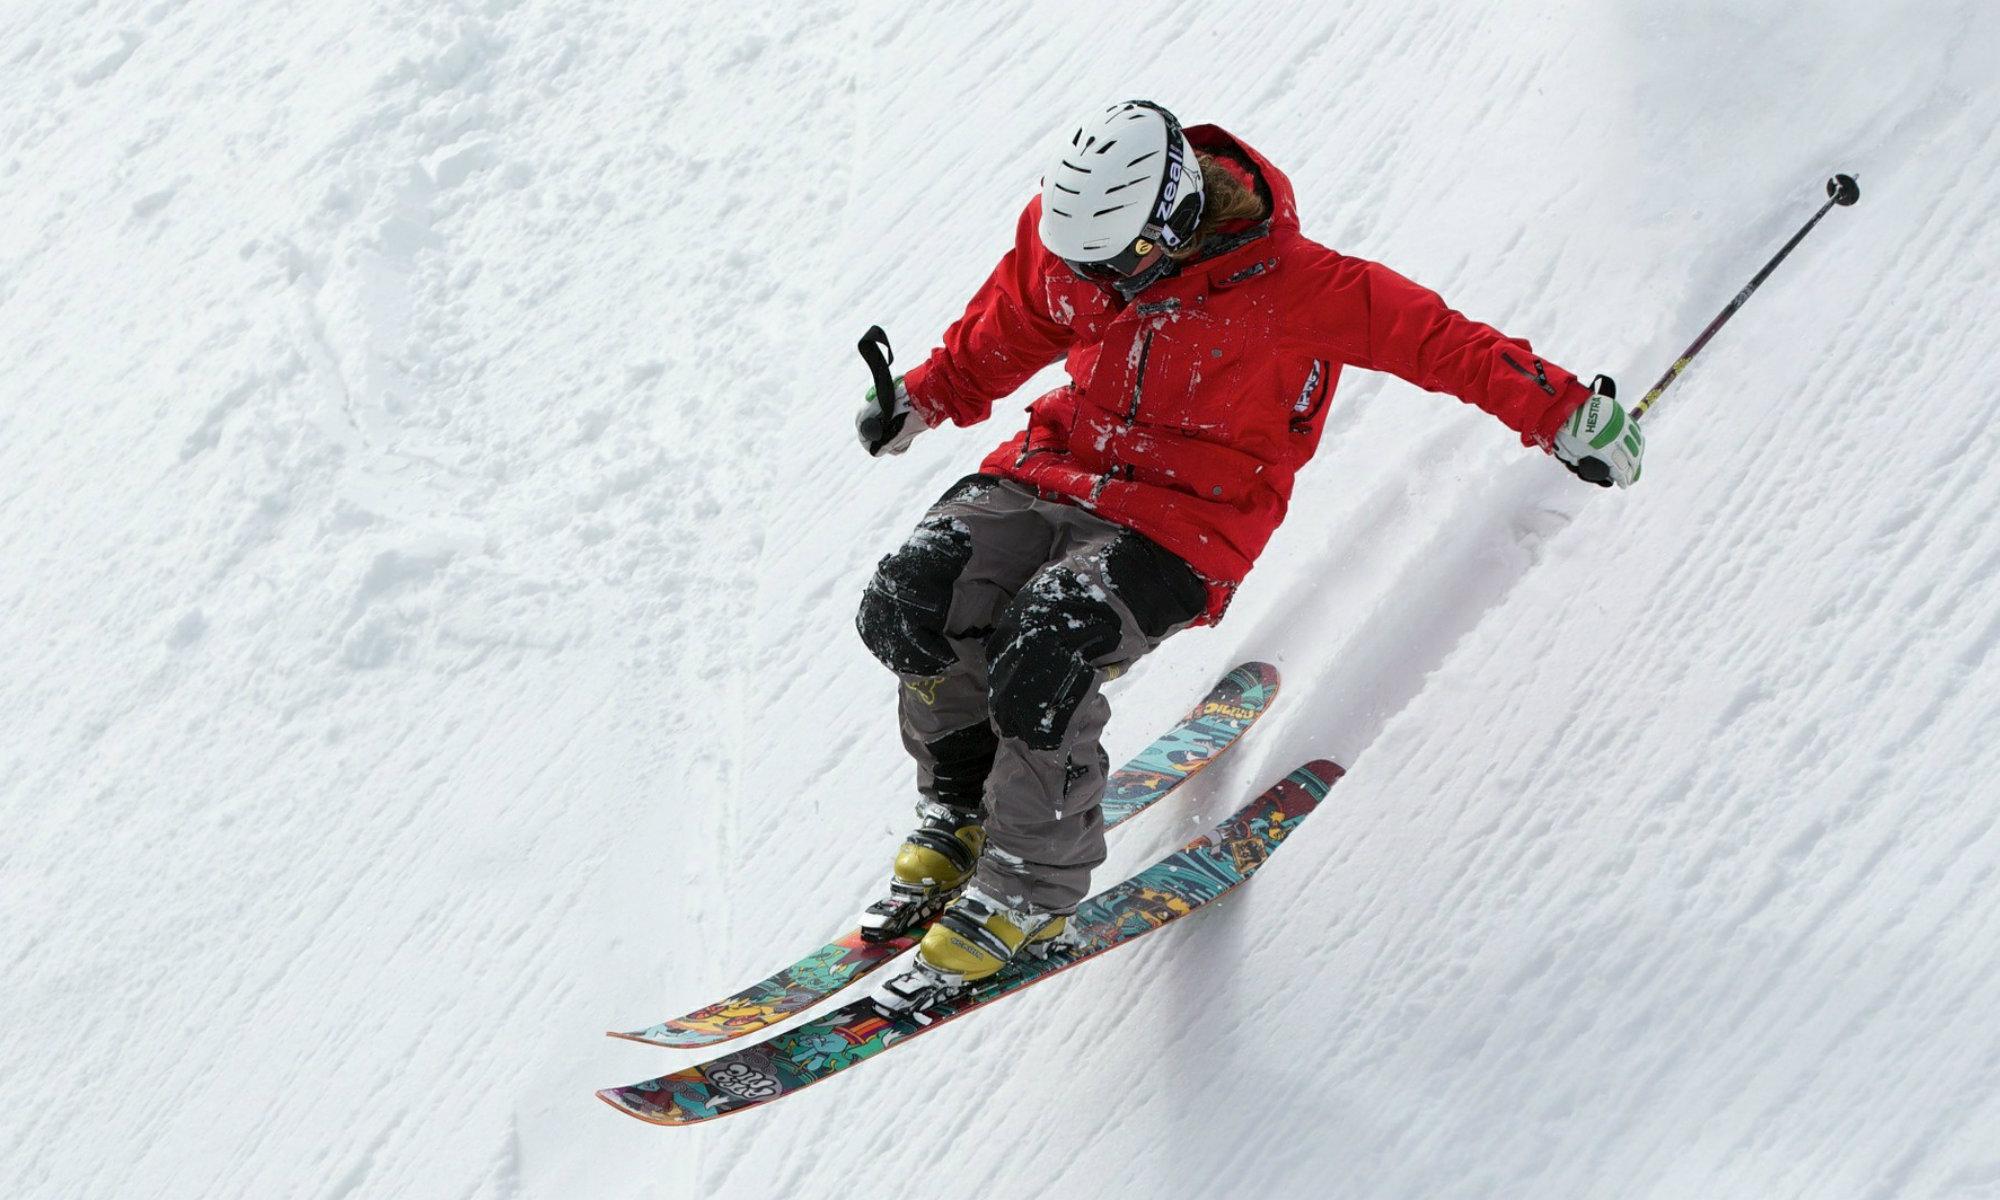 Uno sciatore fuori pista.